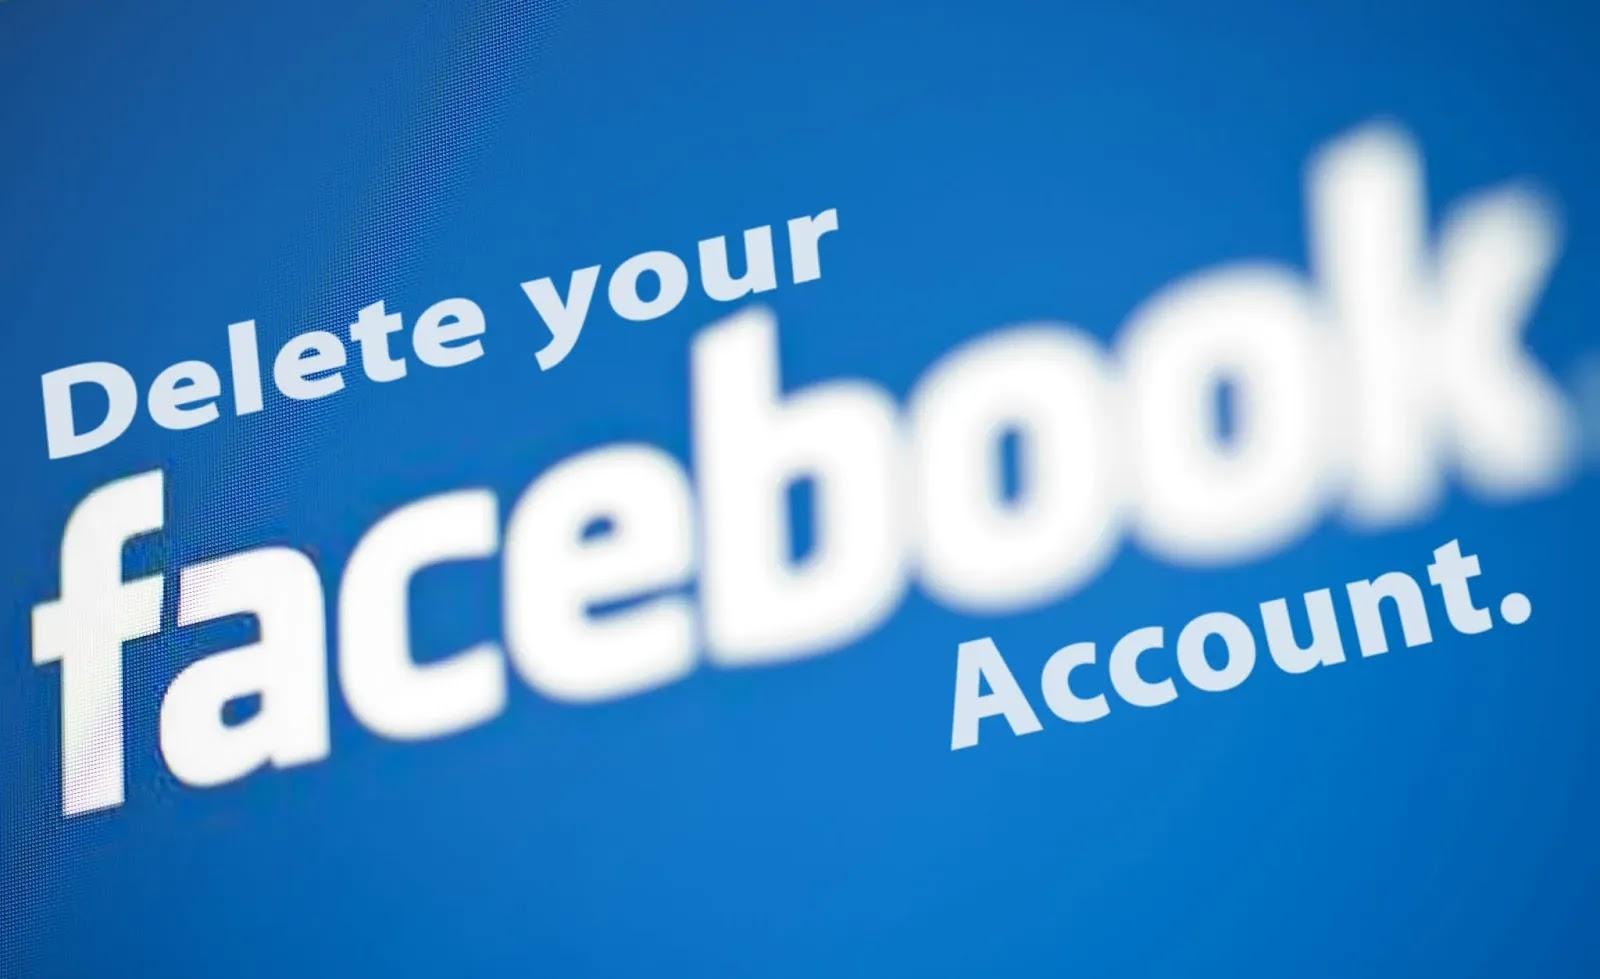 كيف تحذف حسابك وصفحتك والمجموعة على Facebook بخطوات سهلة؟